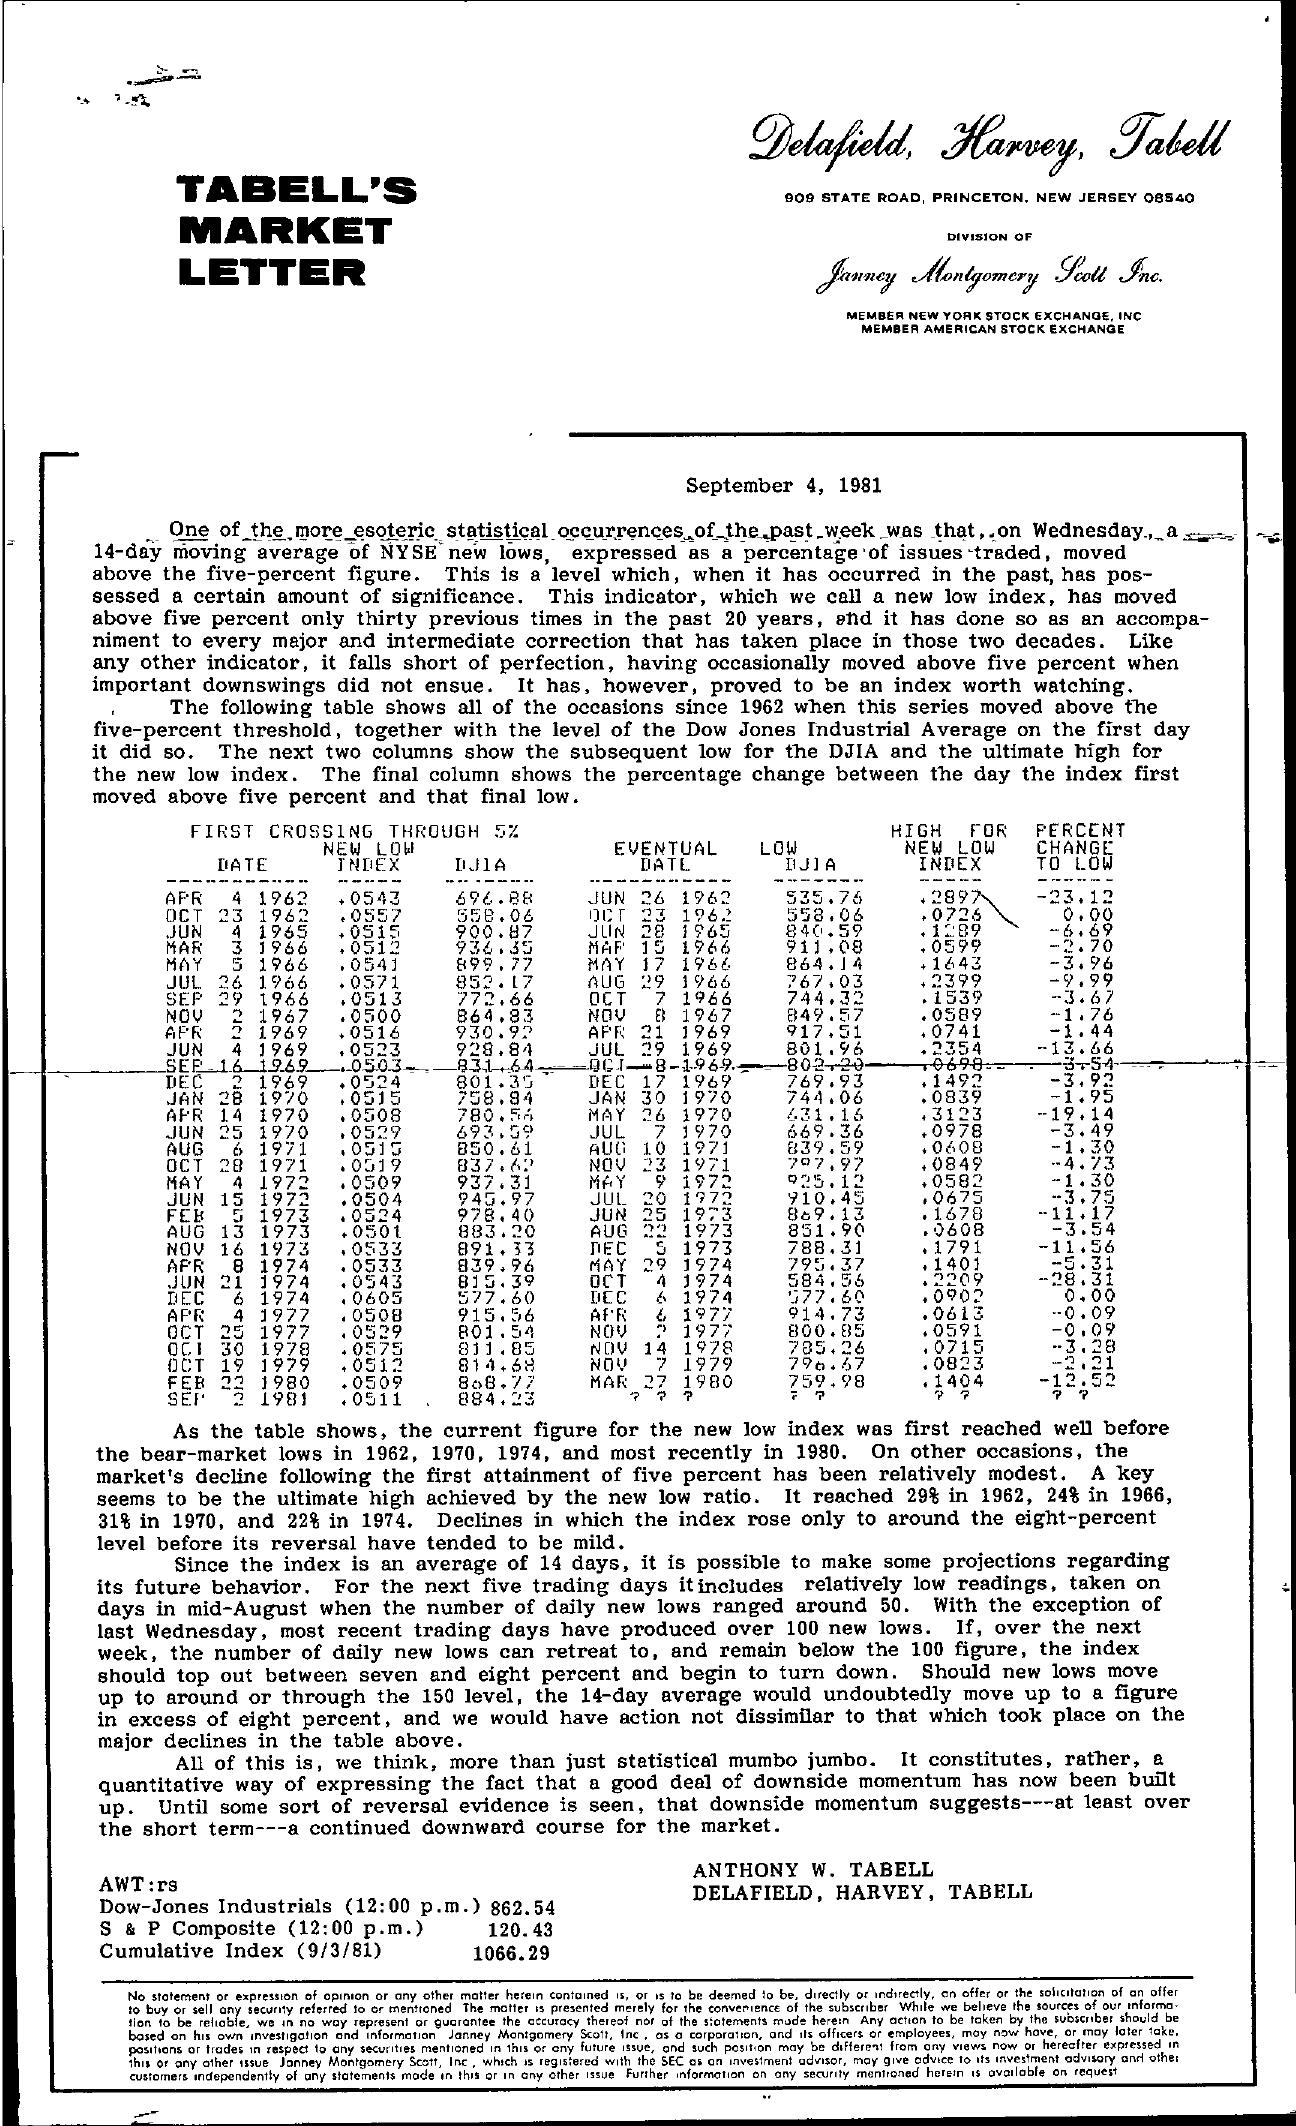 Tabell's Market Letter - September 04, 1981